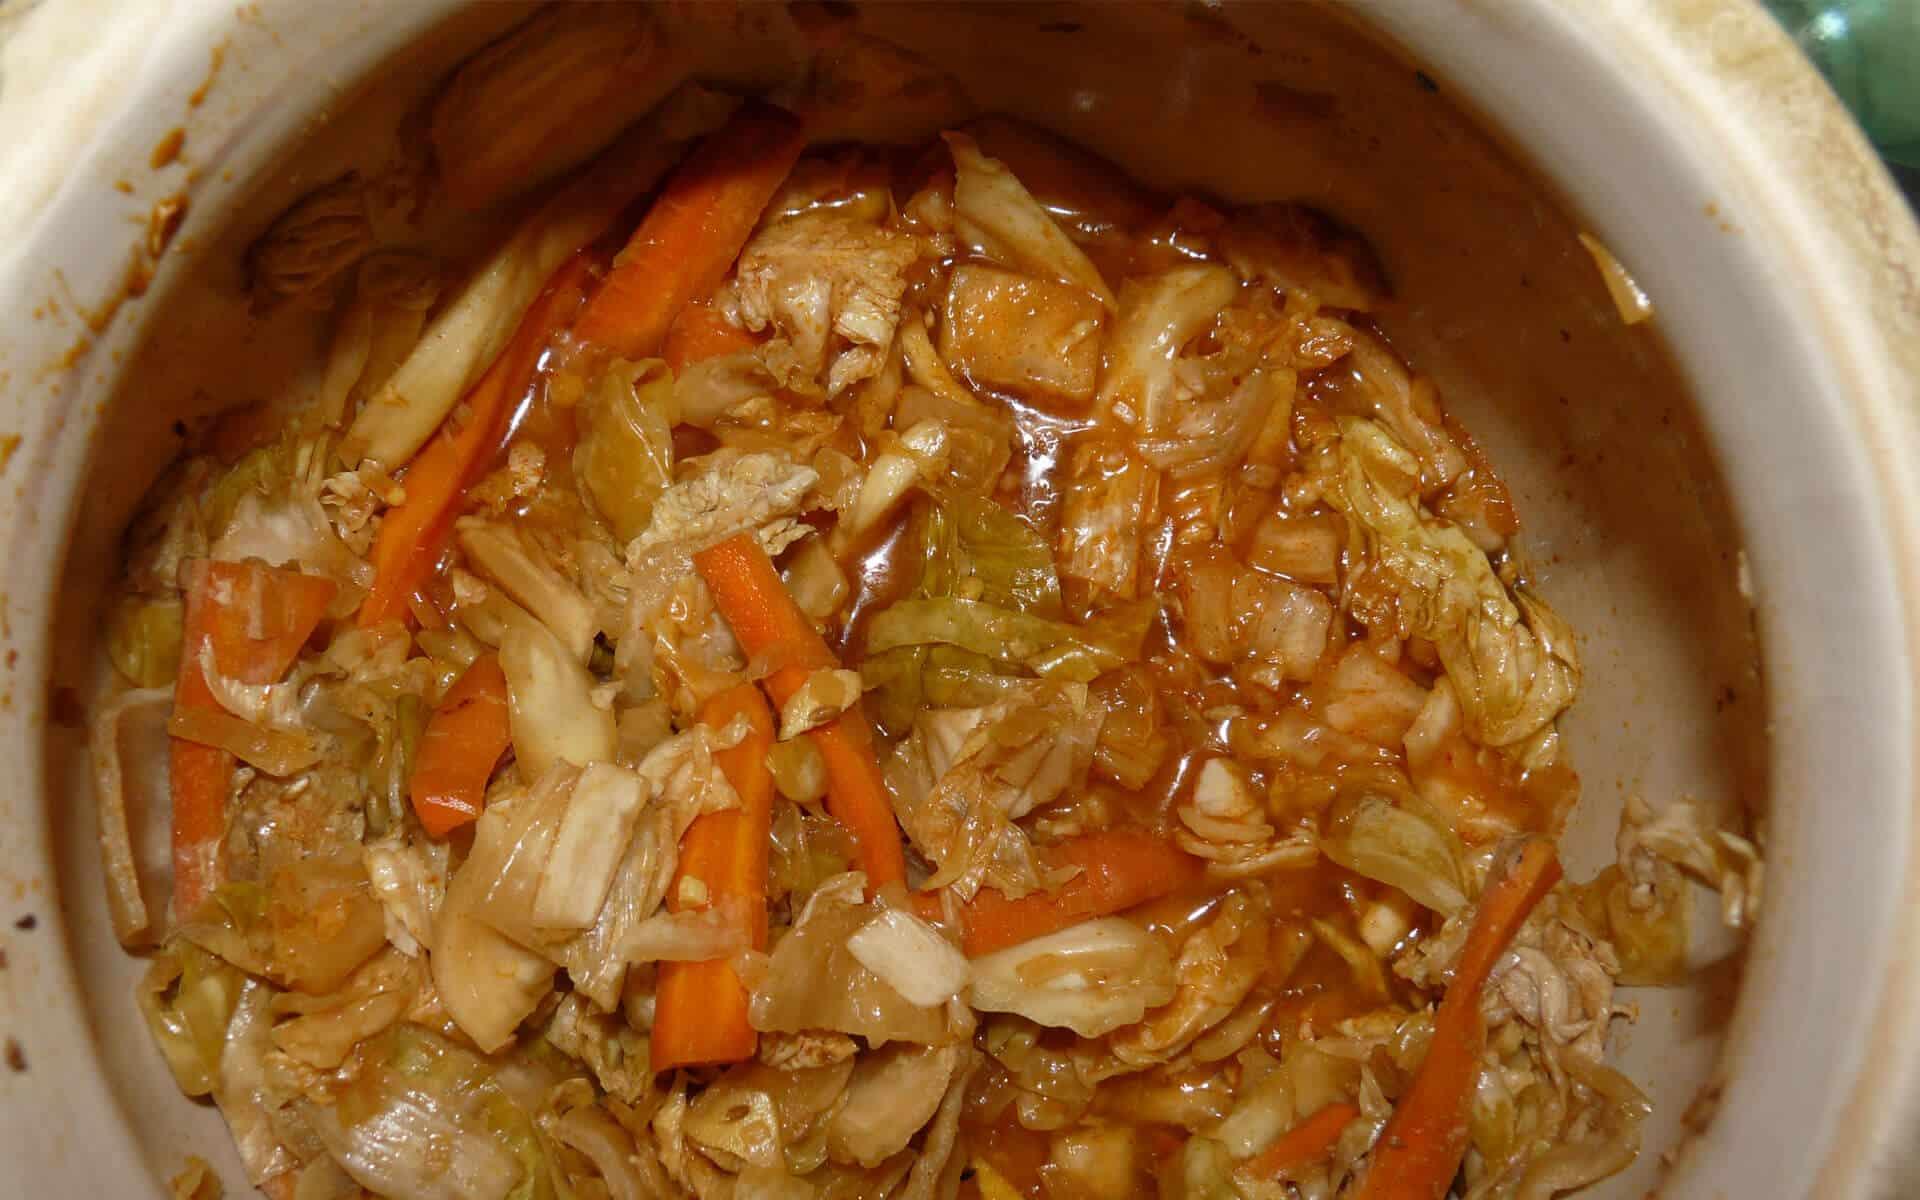 Kimchi coréen qui est une lacto-fermentation de choux chinois, carottes et divers condiments.